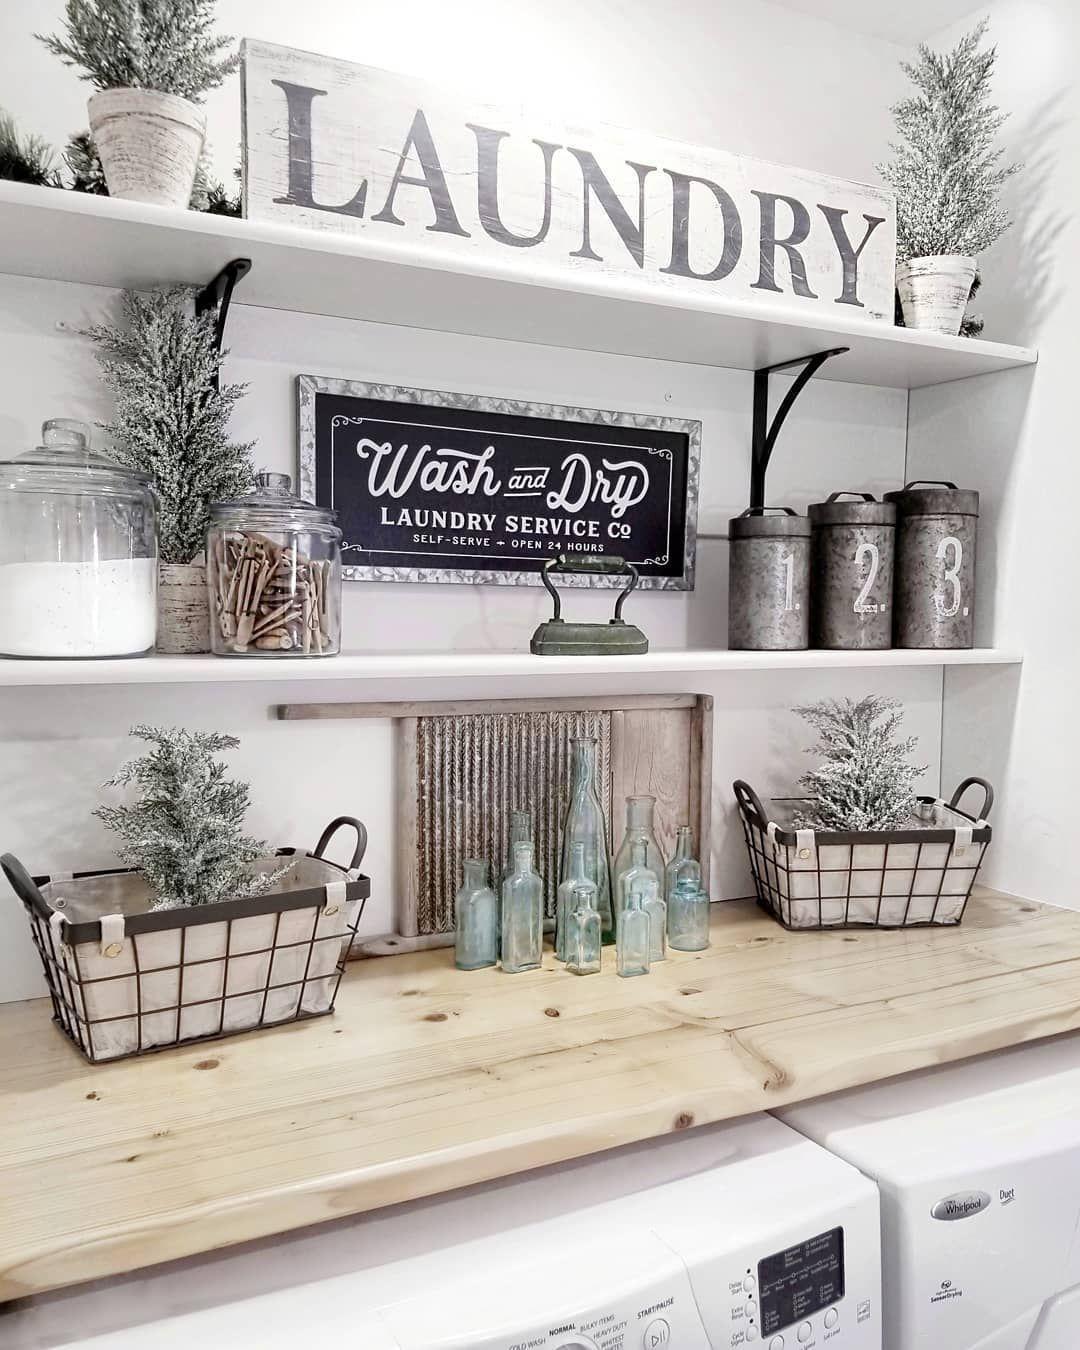 44 Unglaubliche Deko-Ideen für kleine Waschküchen -  44 Unglaubliche Deko-Ideen für kleine Waschküchen – Die meisten von uns, die eine Waschküche h - #bohodecor #decorideas #decoronabudget #DekoIdeen #eclecticdecor #für #ideen #industrialdecor #kleine #shabbychicdecor #unglaubliche #vintagedecor #waschkuchen #weddingdecor #laundryroomdesign